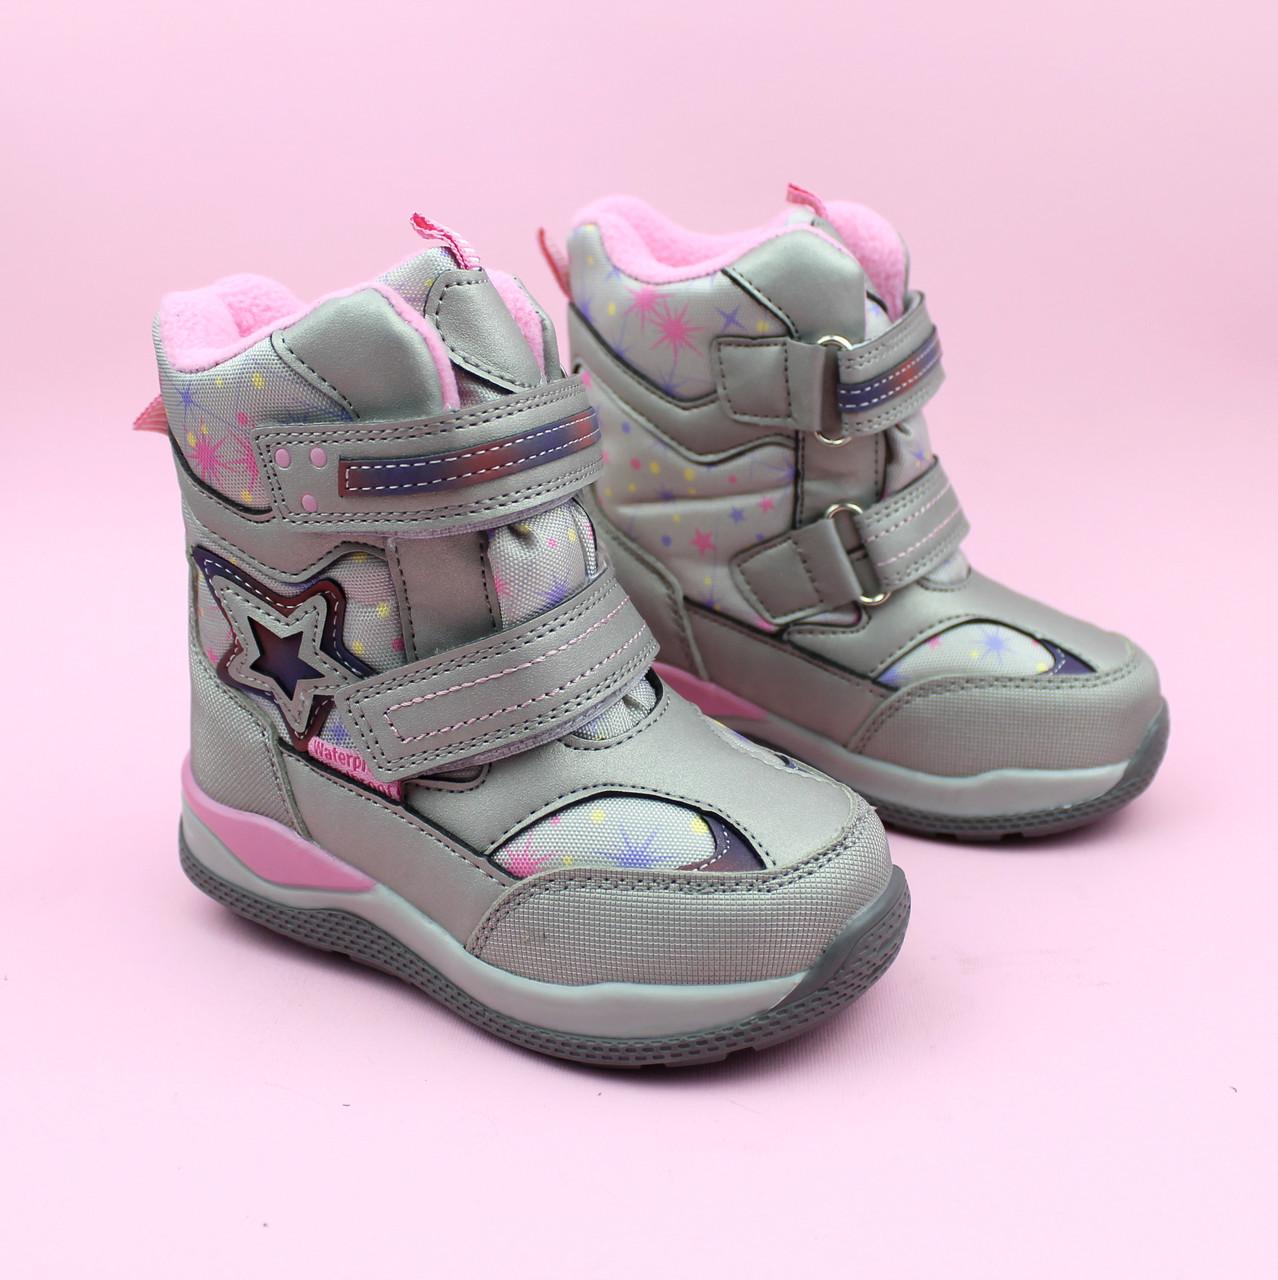 Термо ботинки серые для девочки тм Том.м размер 23,24,25,26,27,28